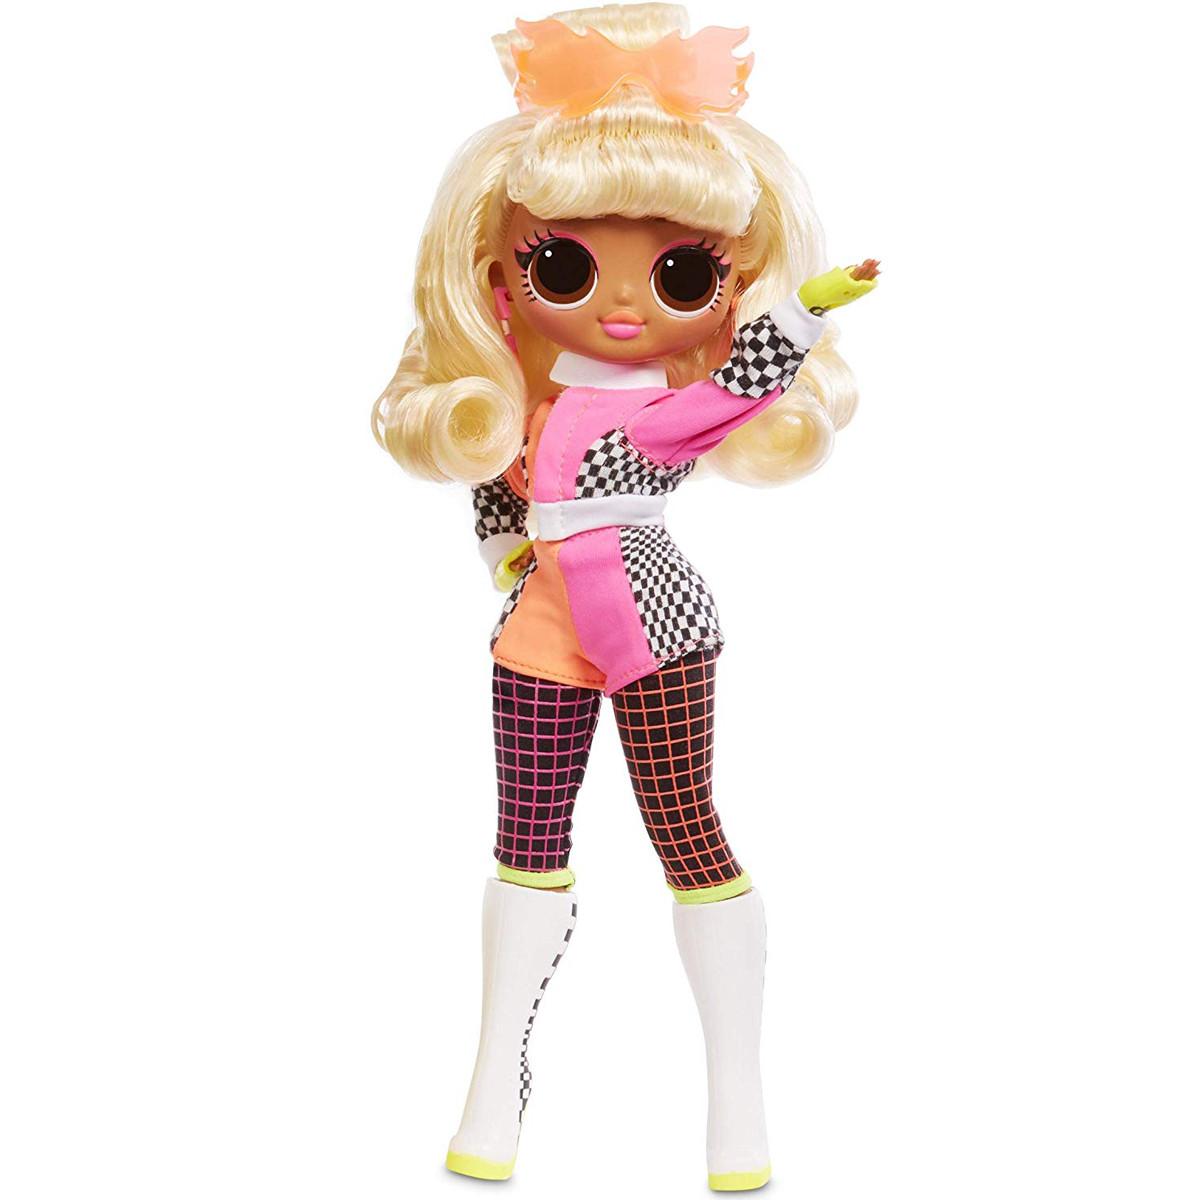 Неонова Лялька ЛОЛ Спідстер світиться світиться L. O. L. Surprise! O. M. G. Lights Speedster